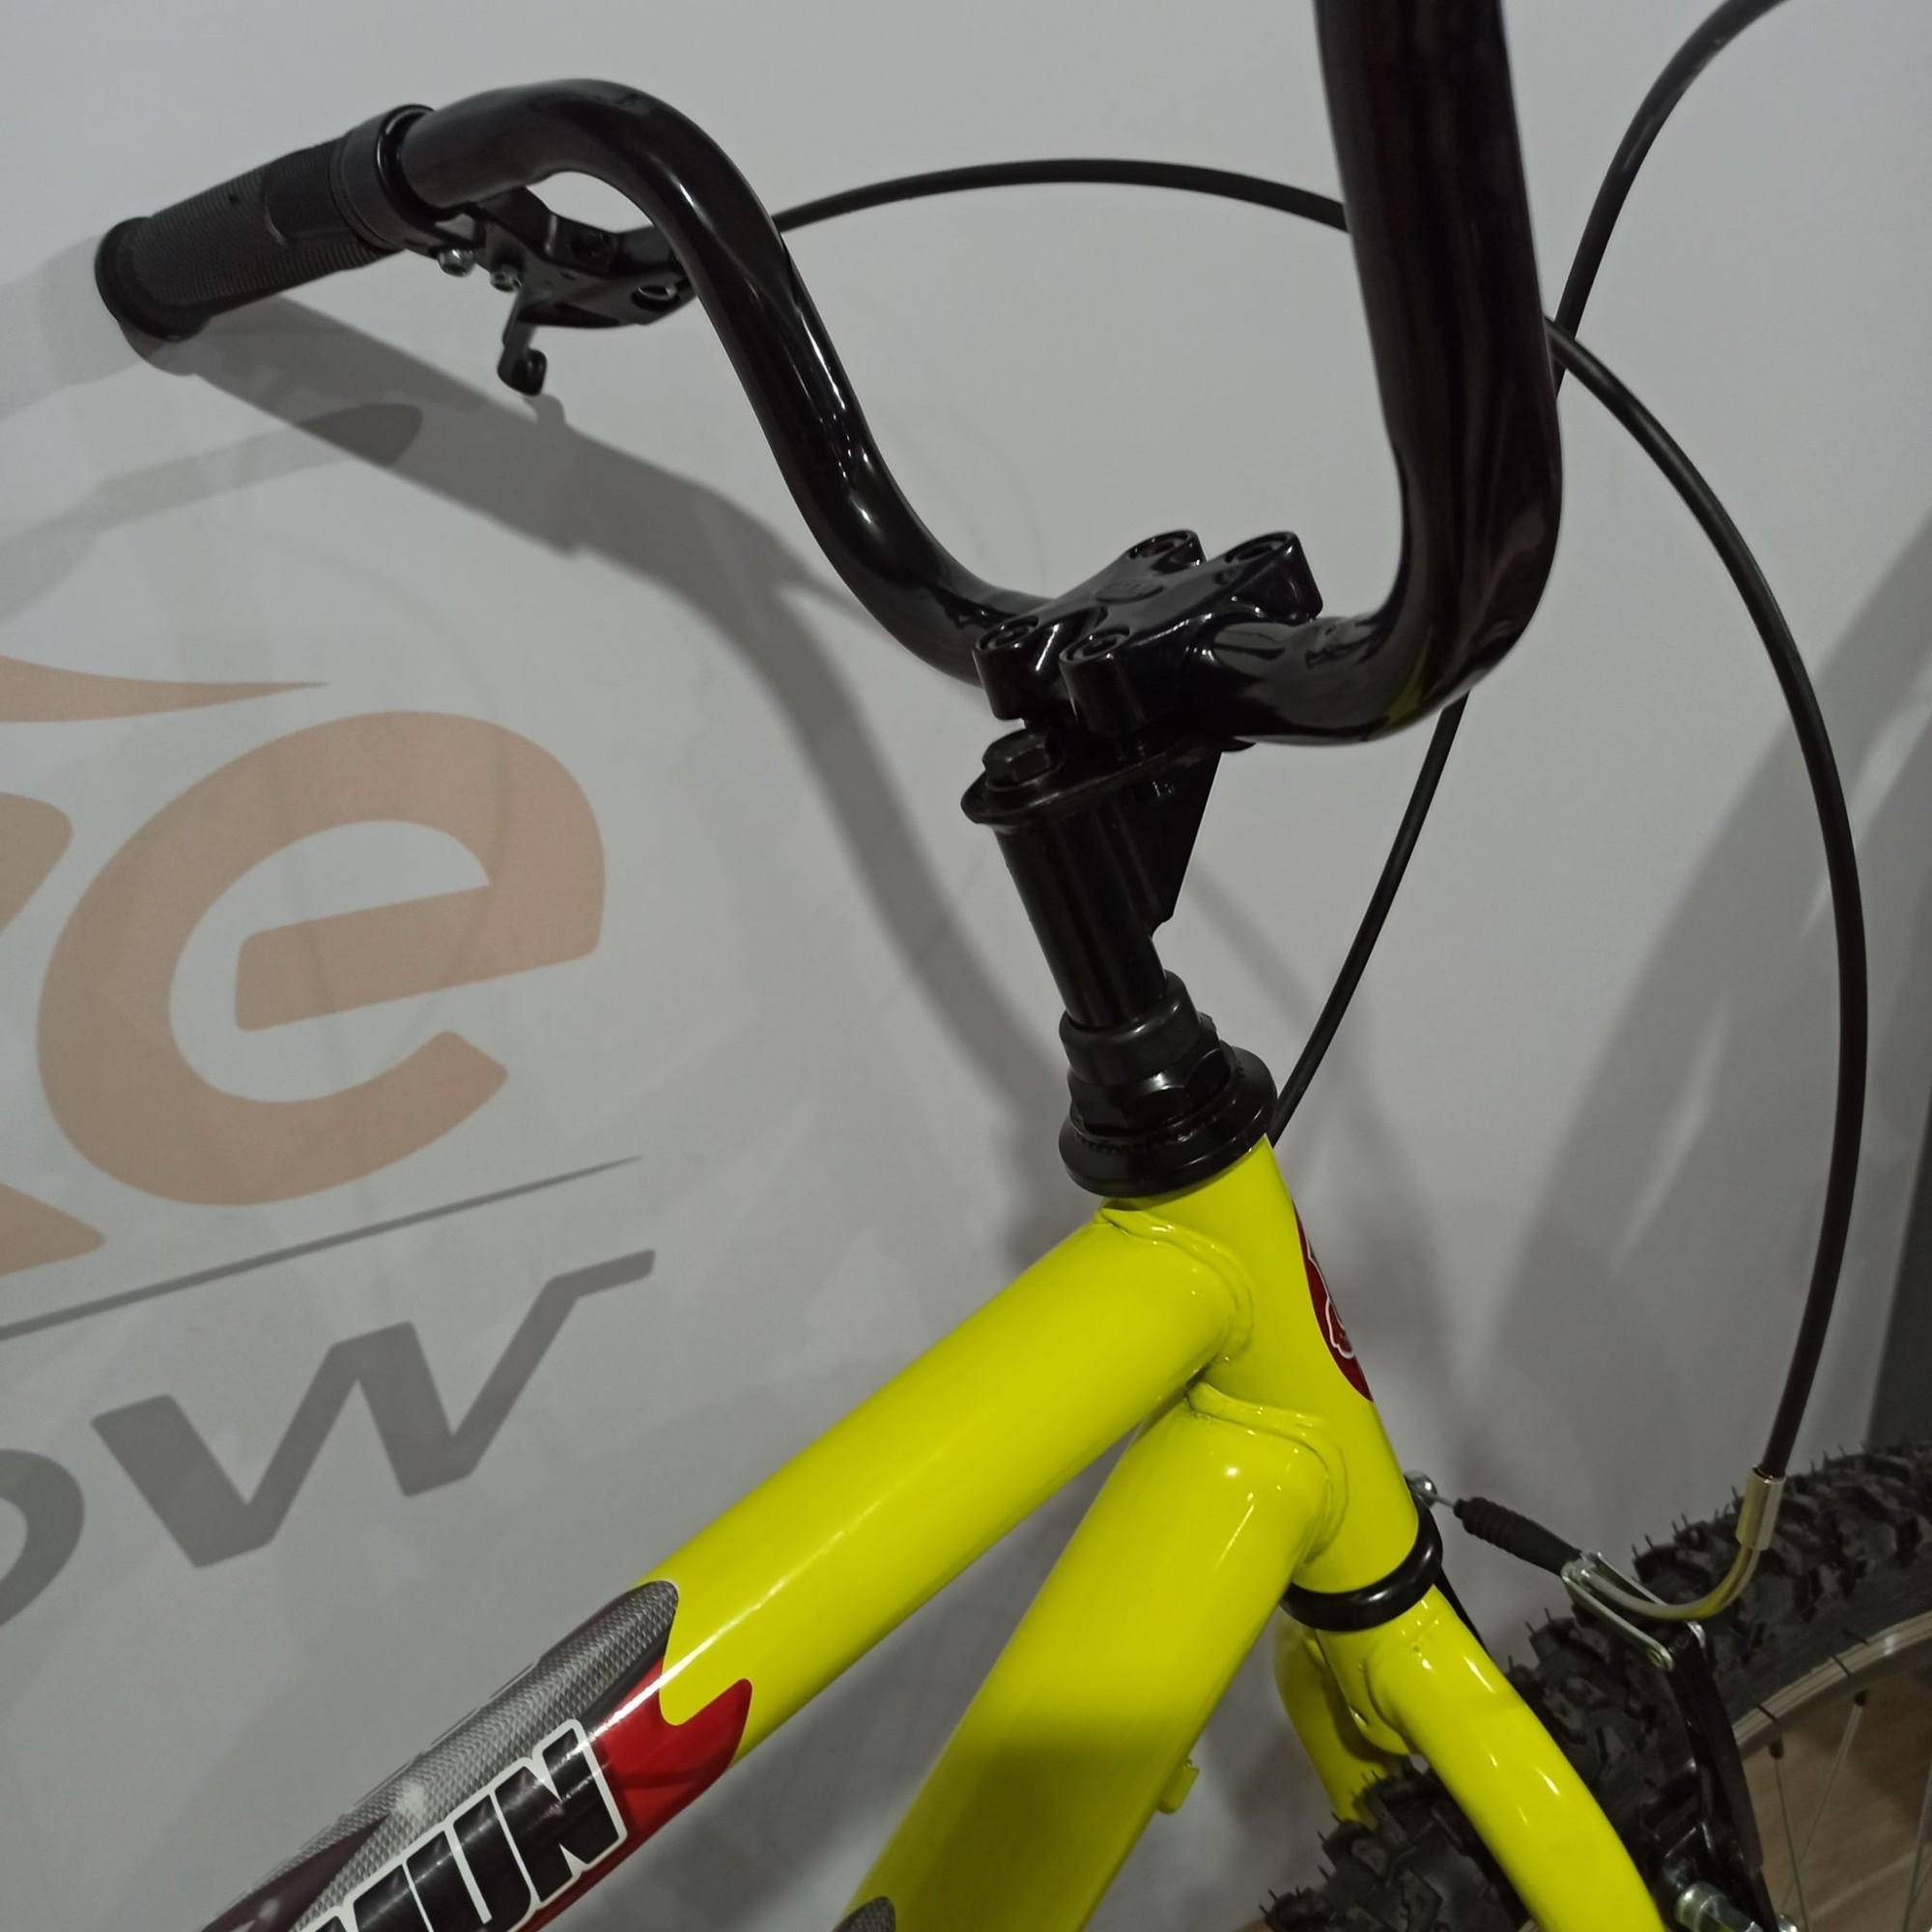 Bicicleta SAMY aro 24 - Cubo de Rolamento GTB Belumi - Guidão com Mesa Cross 4 Parafusos - Aro Aero